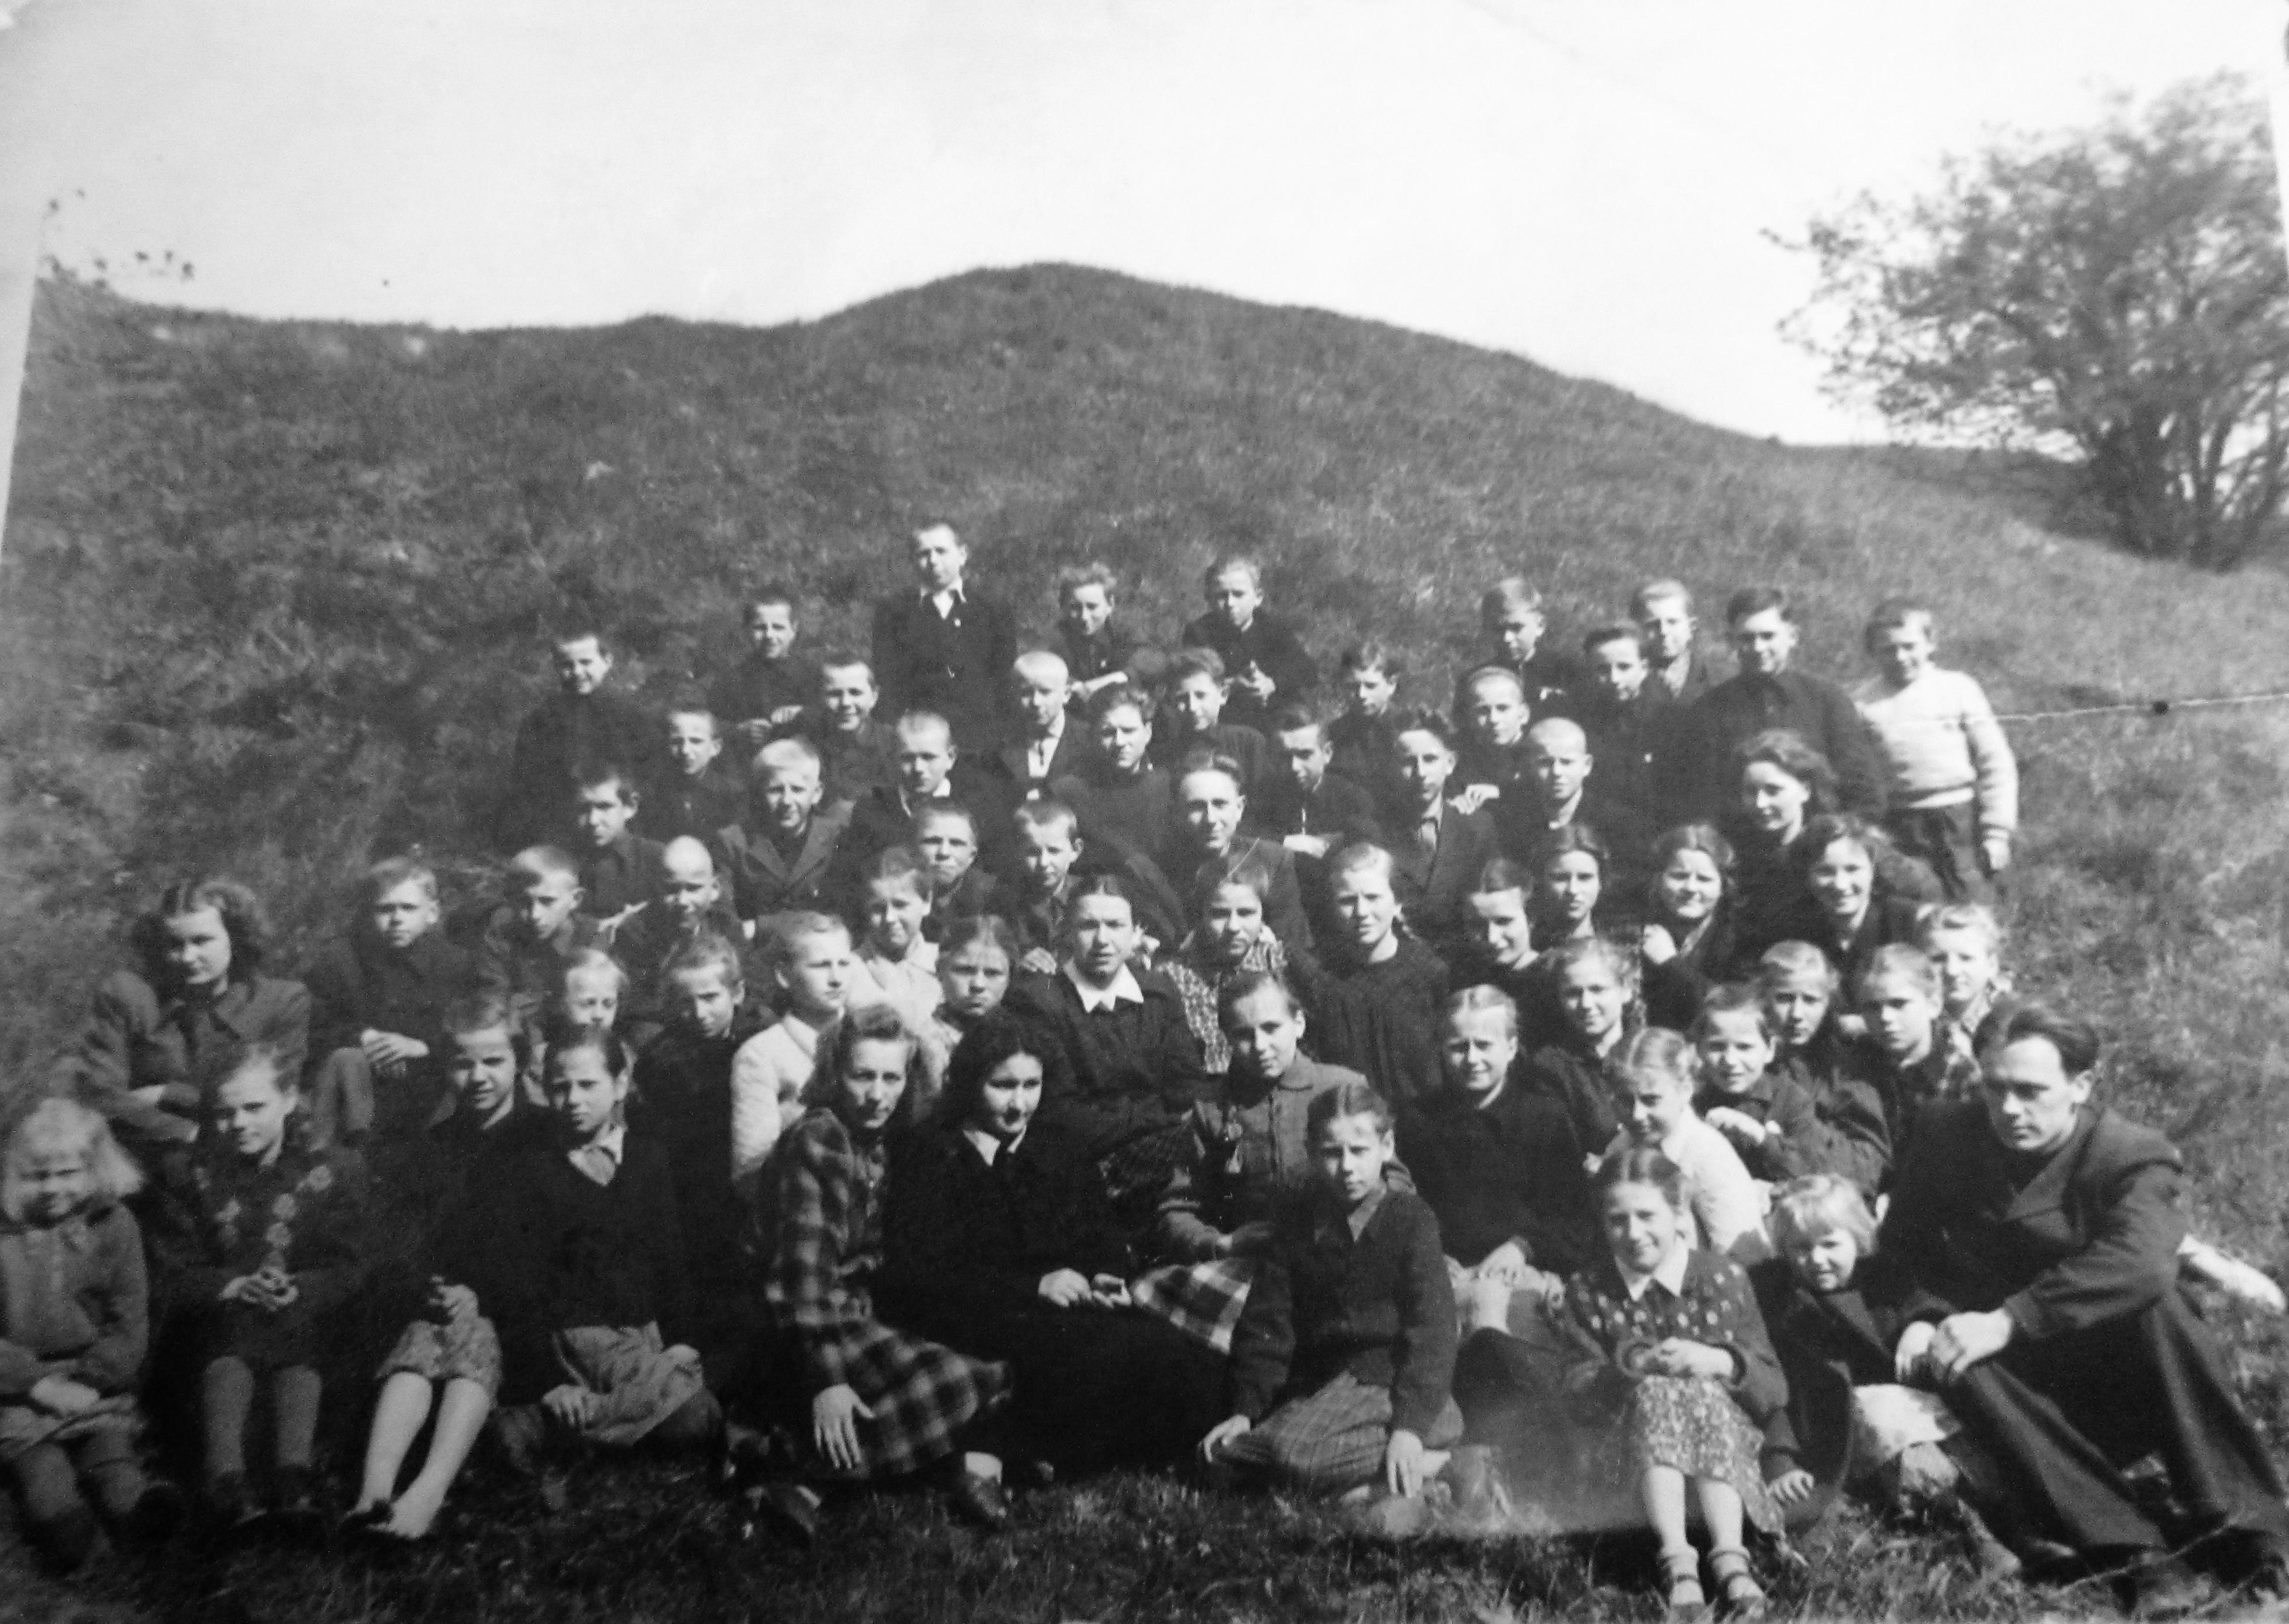 Kaupiskiu septynmetės mokyklos mokiniai ir mokytojai. Jonas Razinskas. 1955